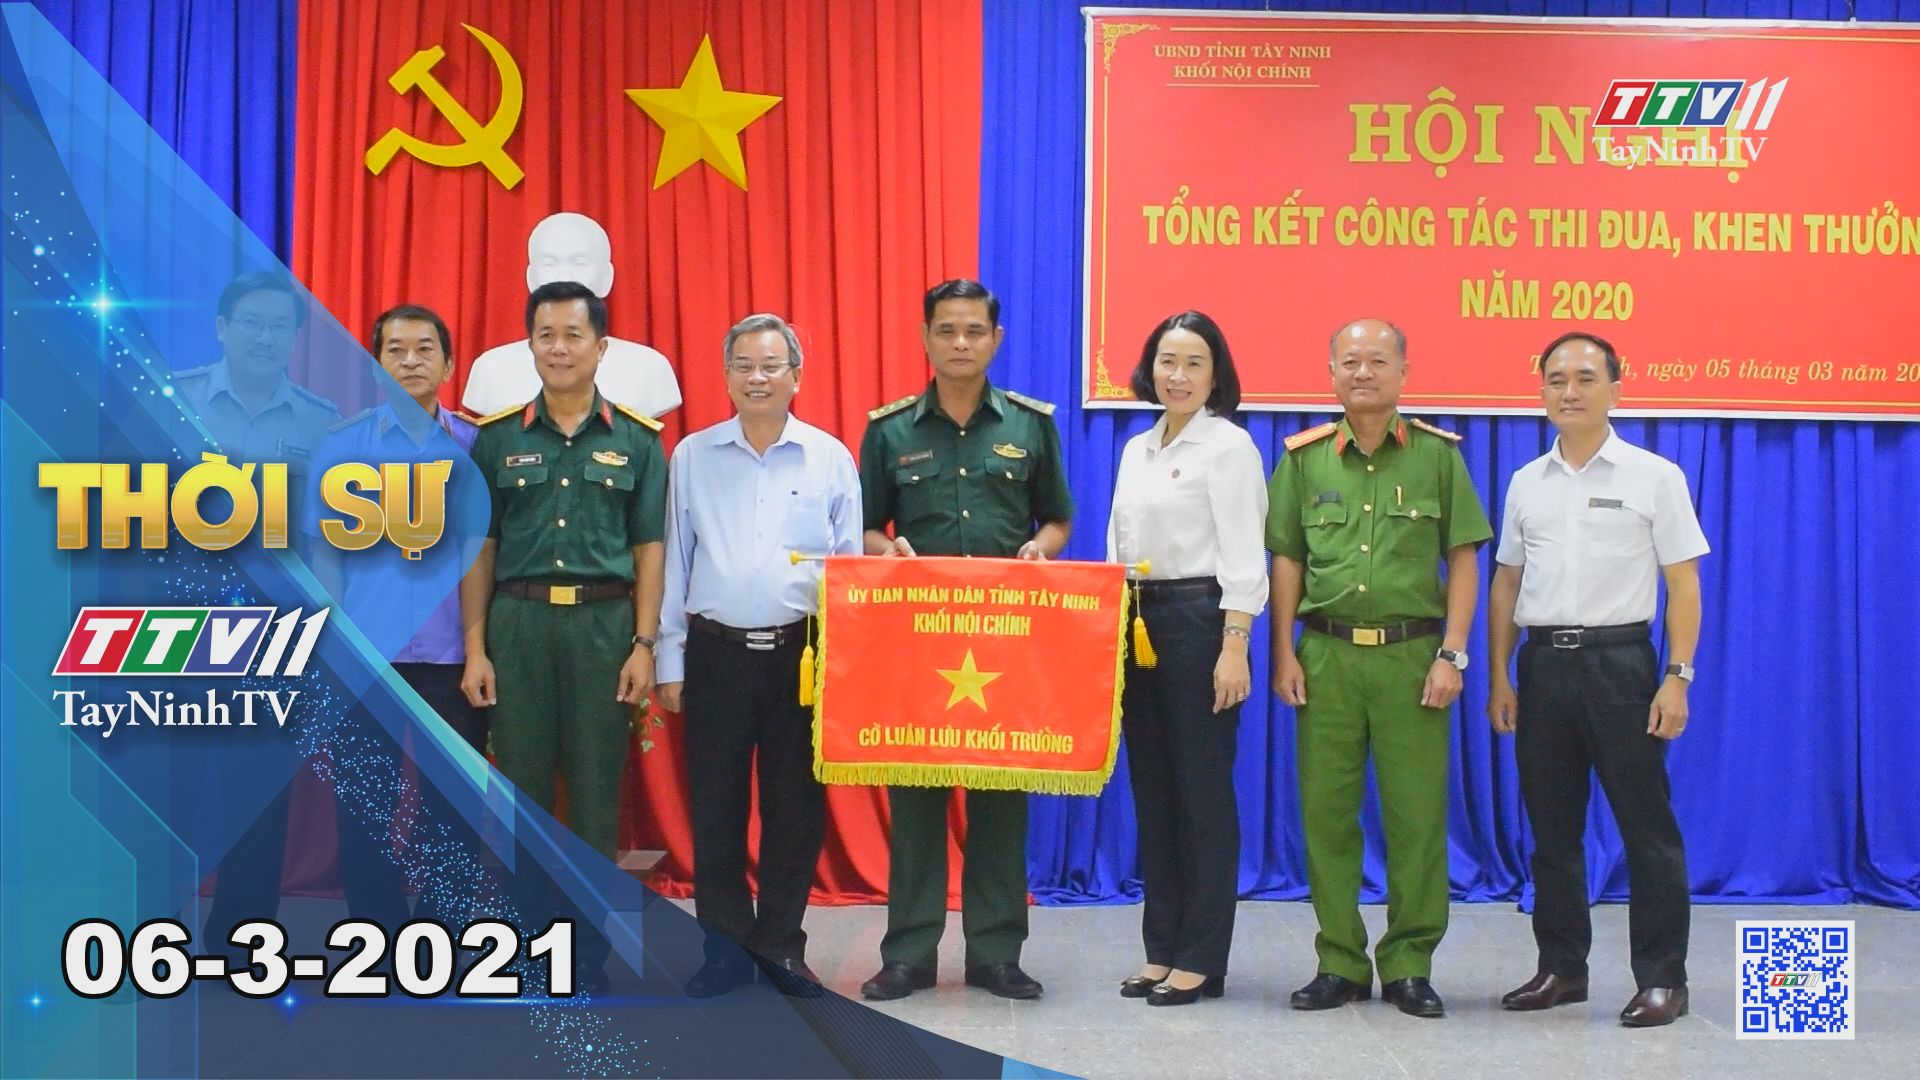 Thời sự Tây Ninh 06-3-2021 | Tin tức hôm nay | TayNinhTV